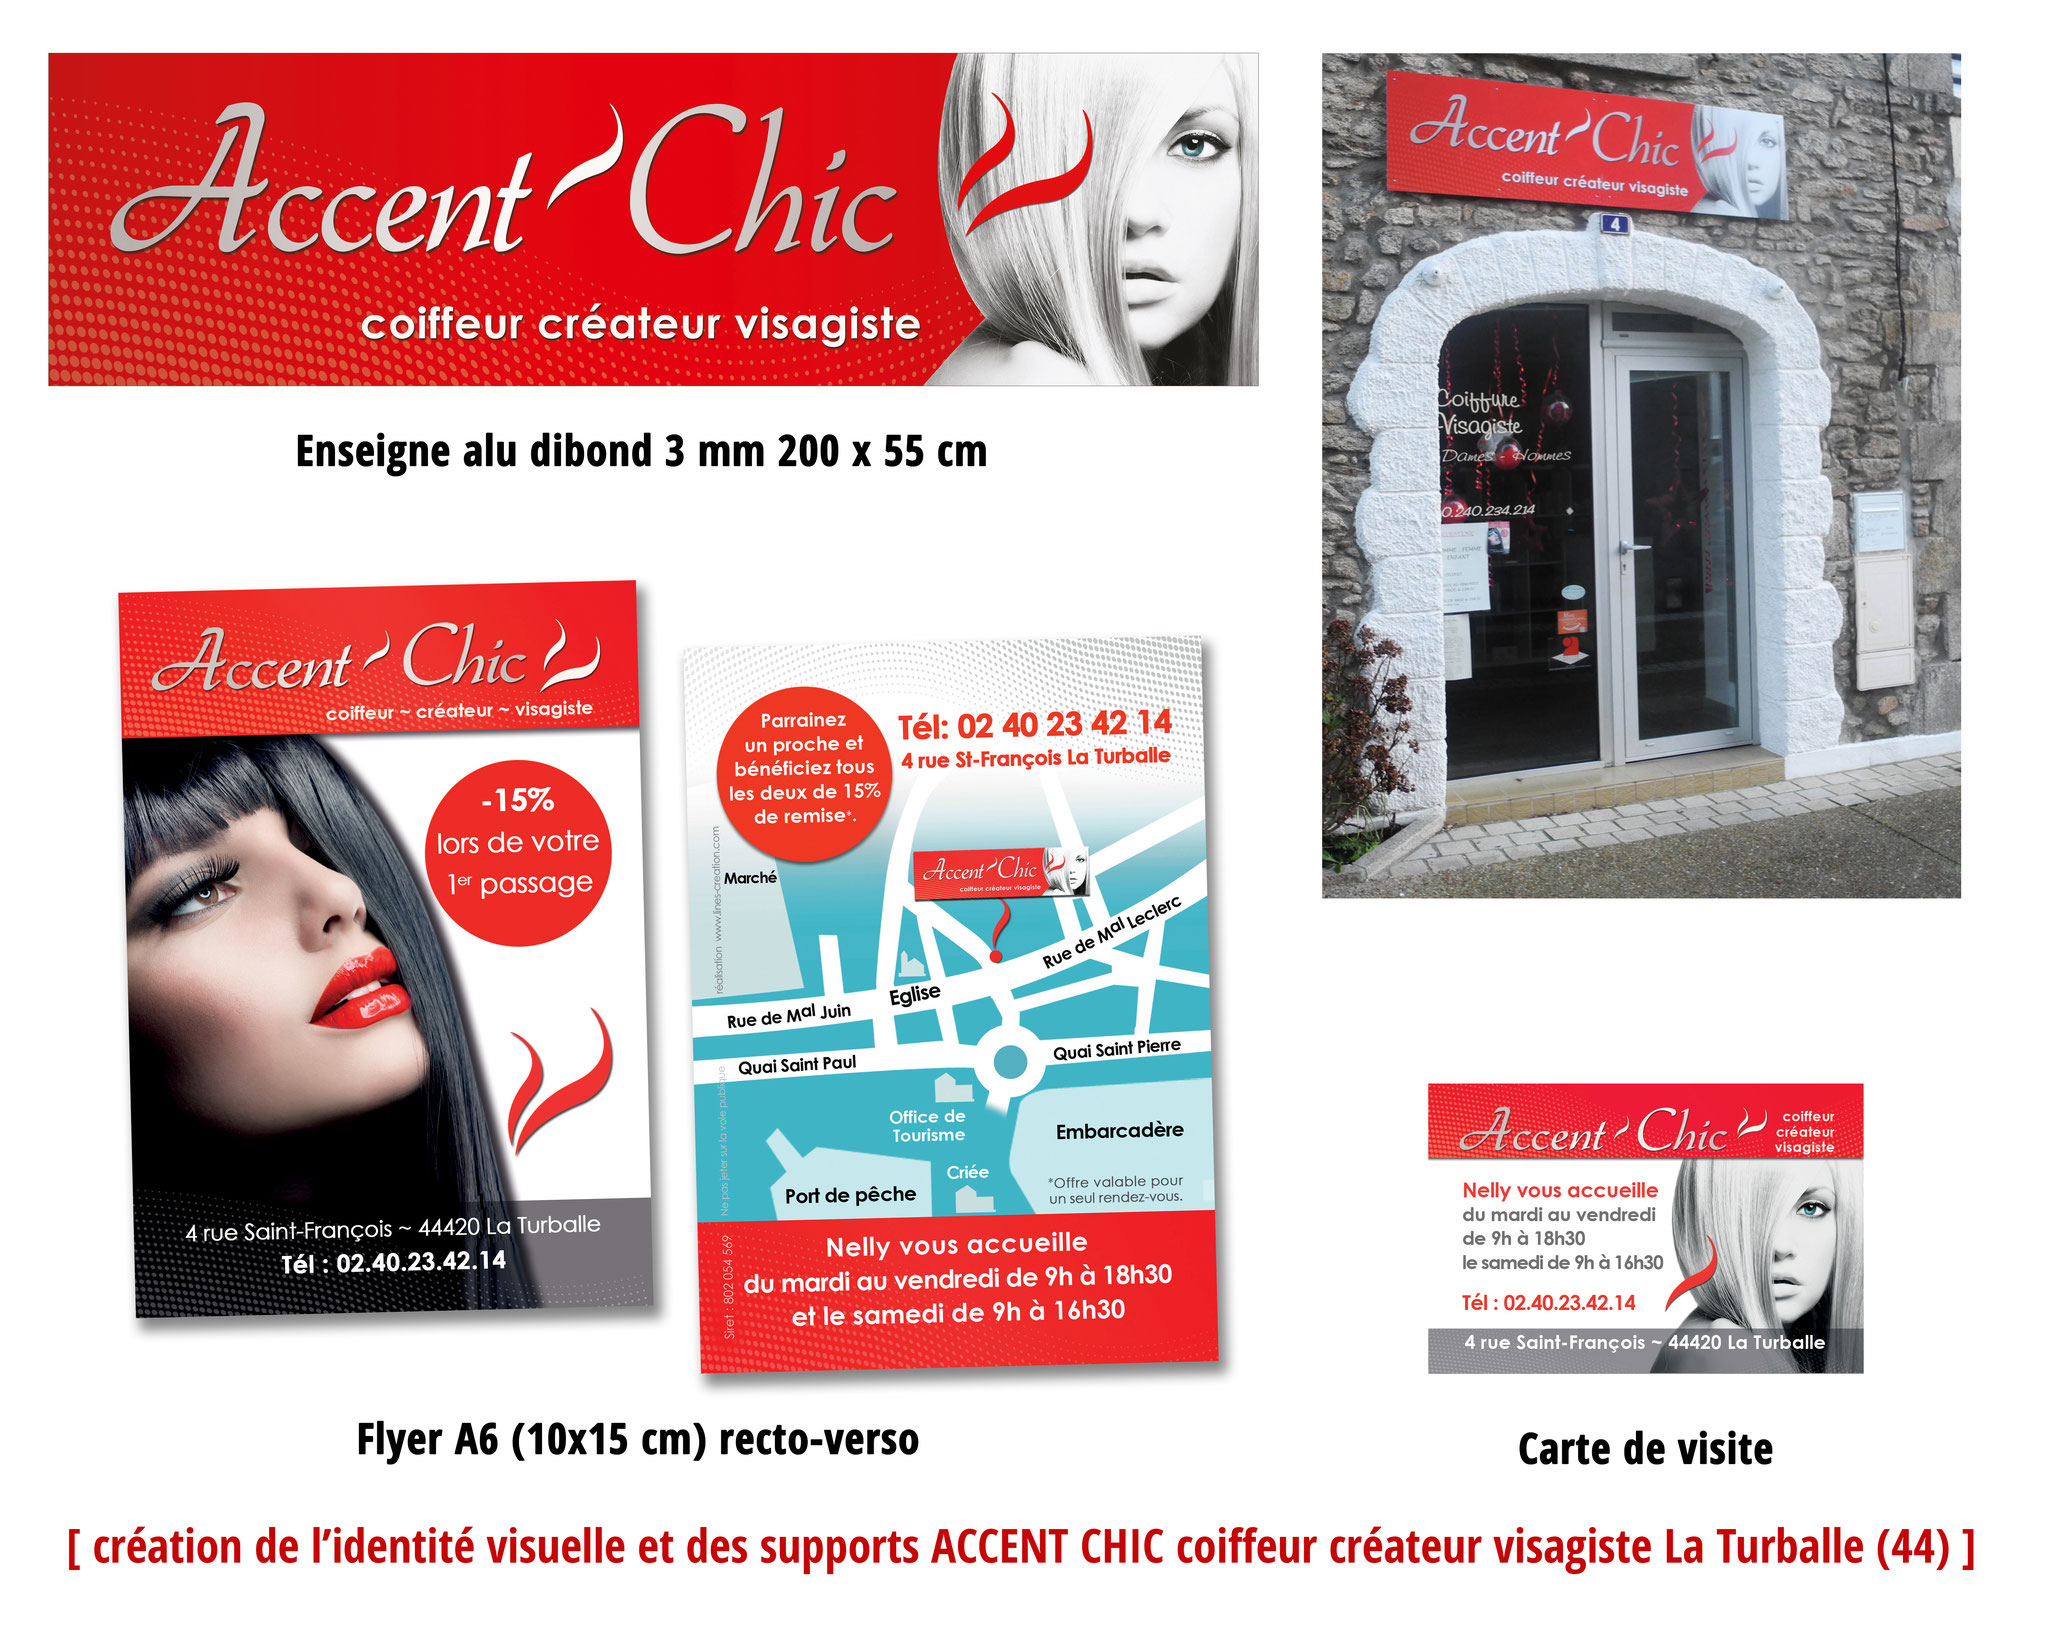 Création identité visuelle, flyers, enseigne, cartes de visite - Accent Chic La Turballe